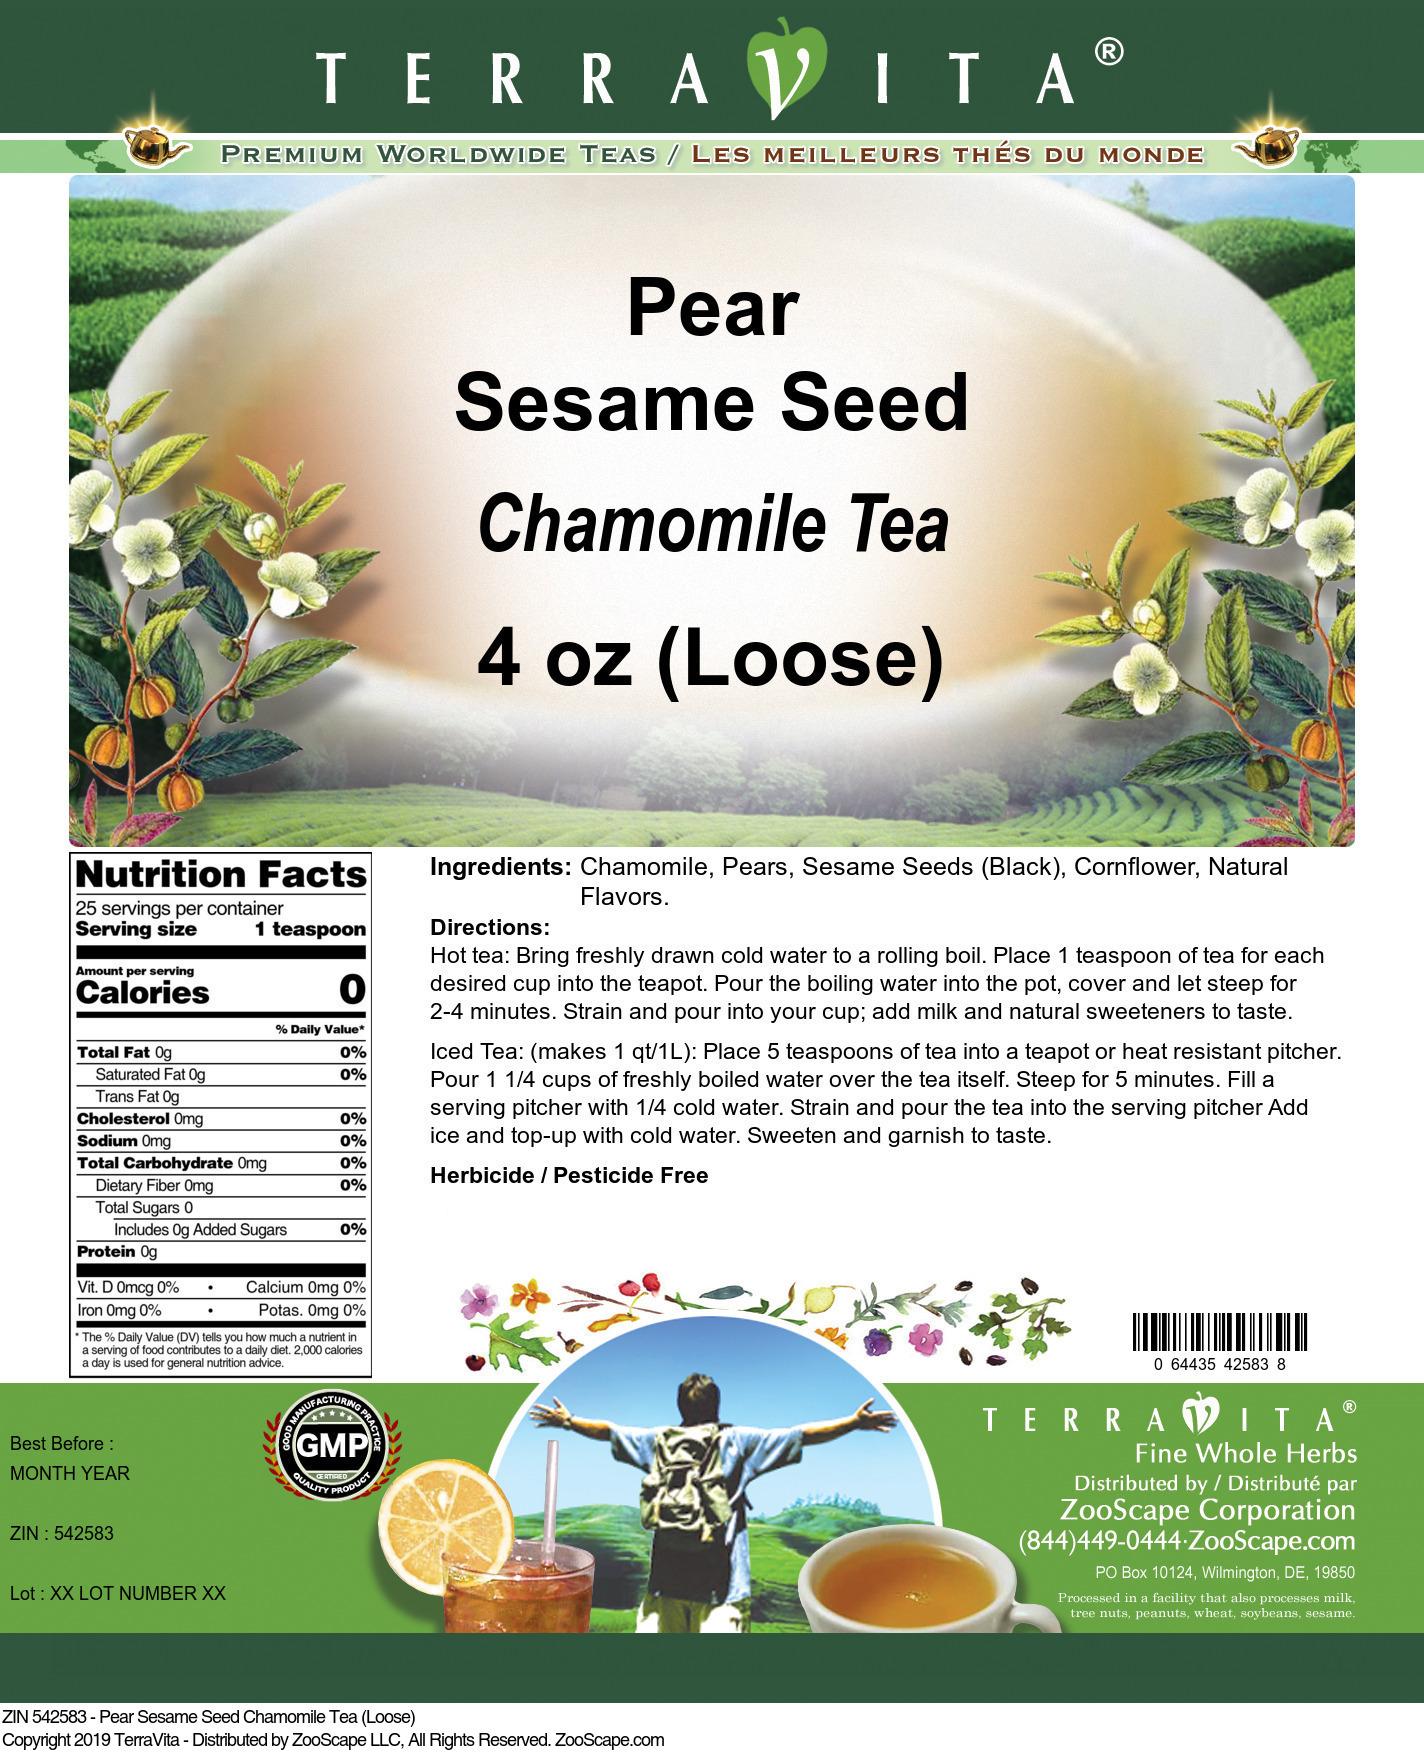 Pear Sesame Seed Chamomile Tea (Loose)